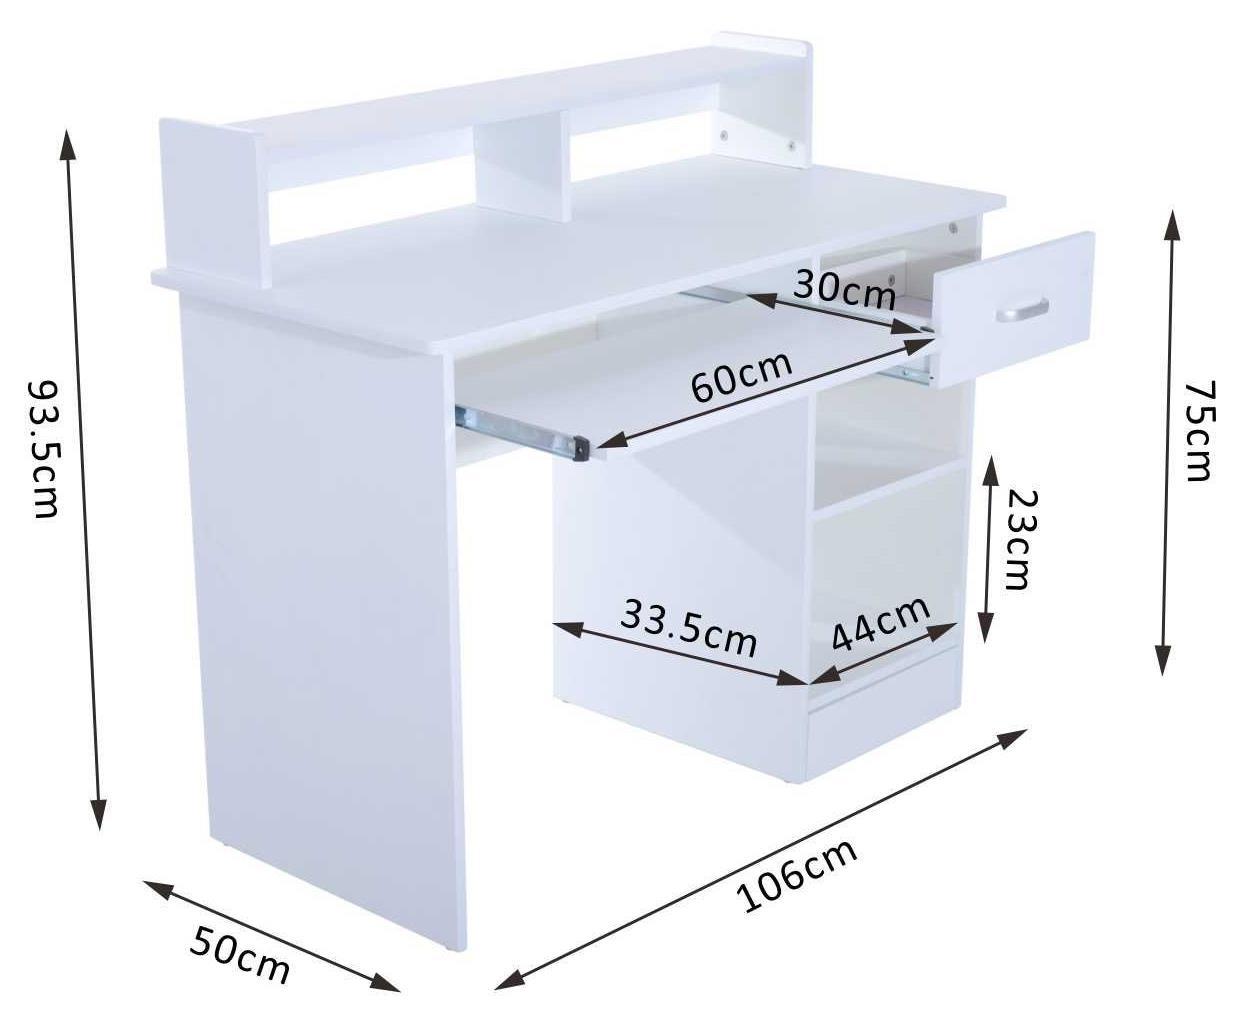 Scrivania In Legno Bianco : Trendyitalia scrivania legno bianco frassino cm